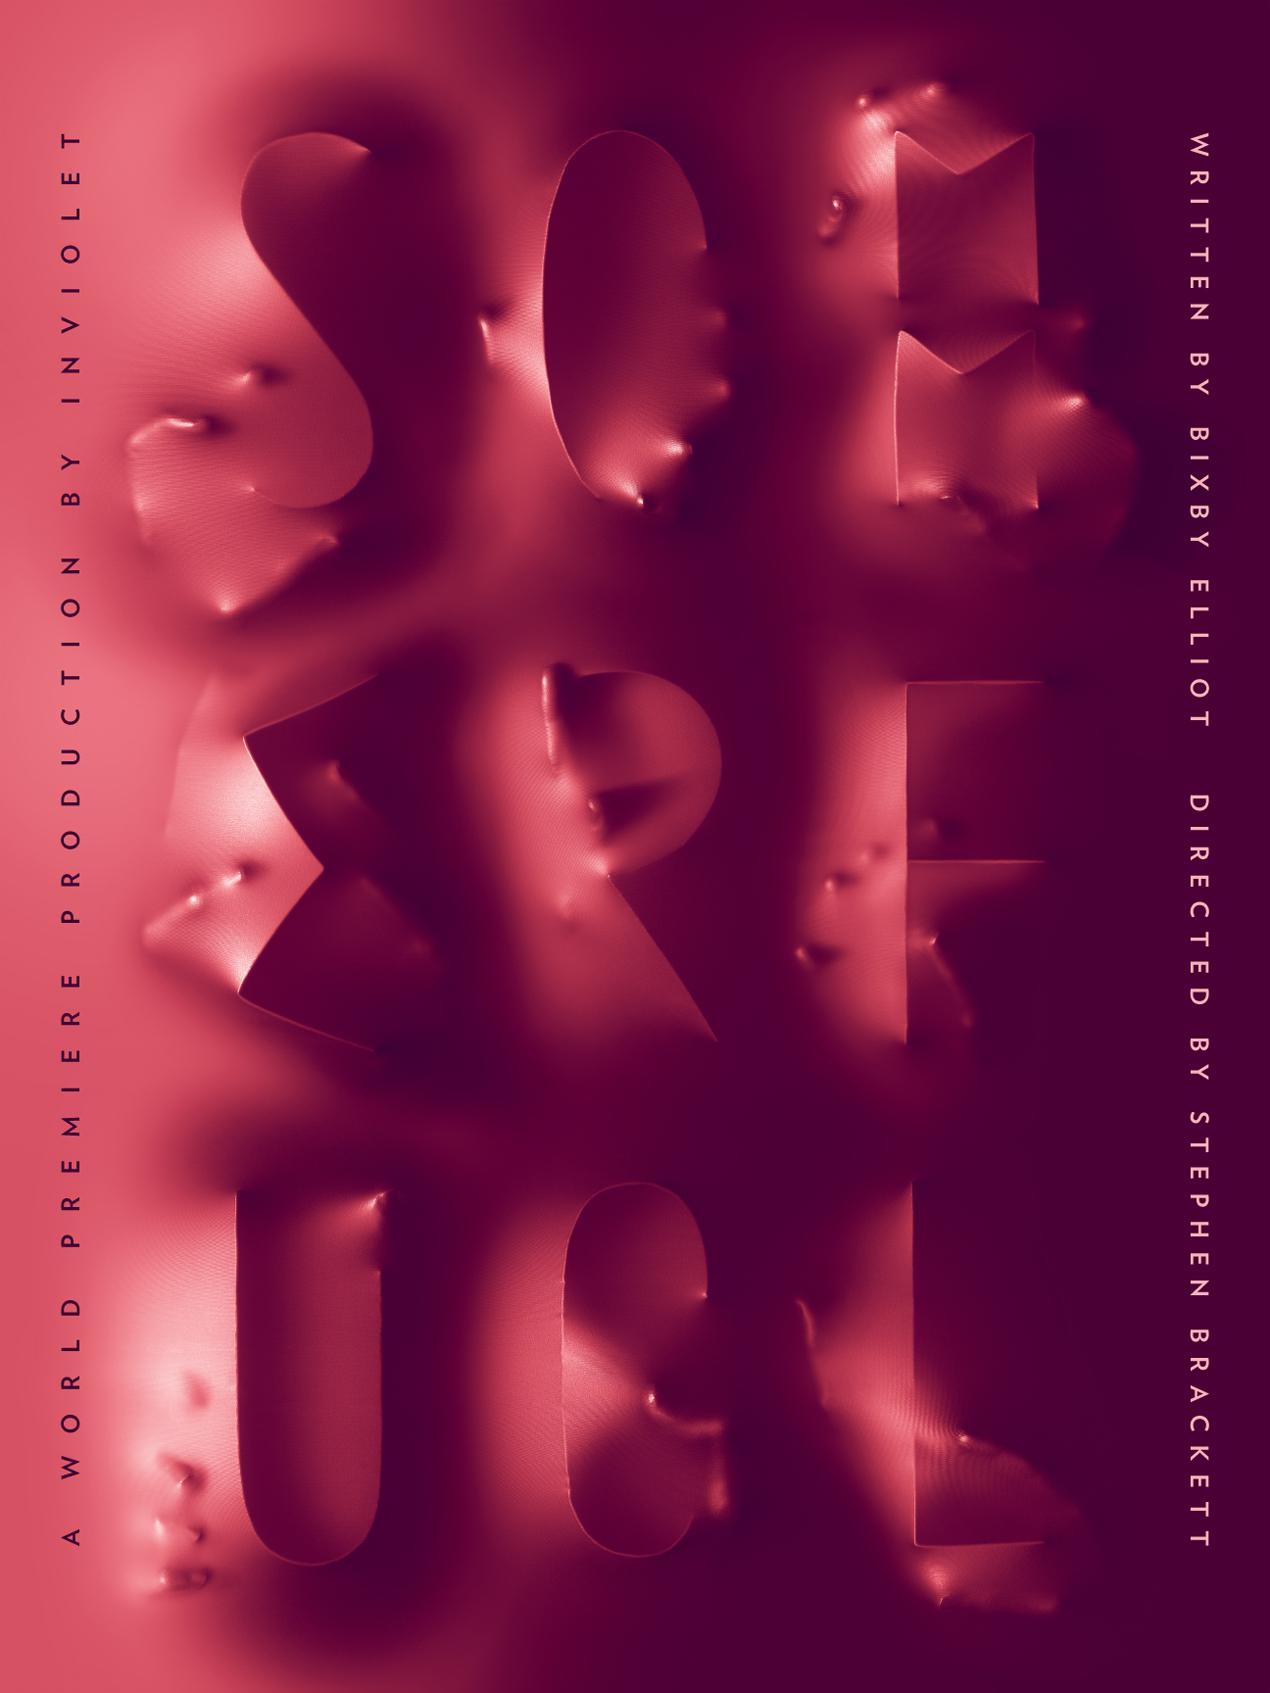 LWilliams_Sommerfugl-Poster